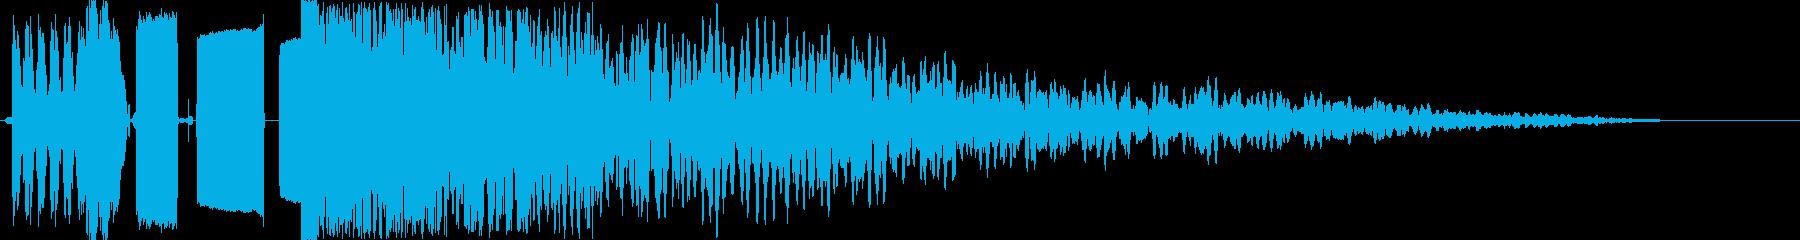 ラジオジングル制作キット DJ DROPの再生済みの波形